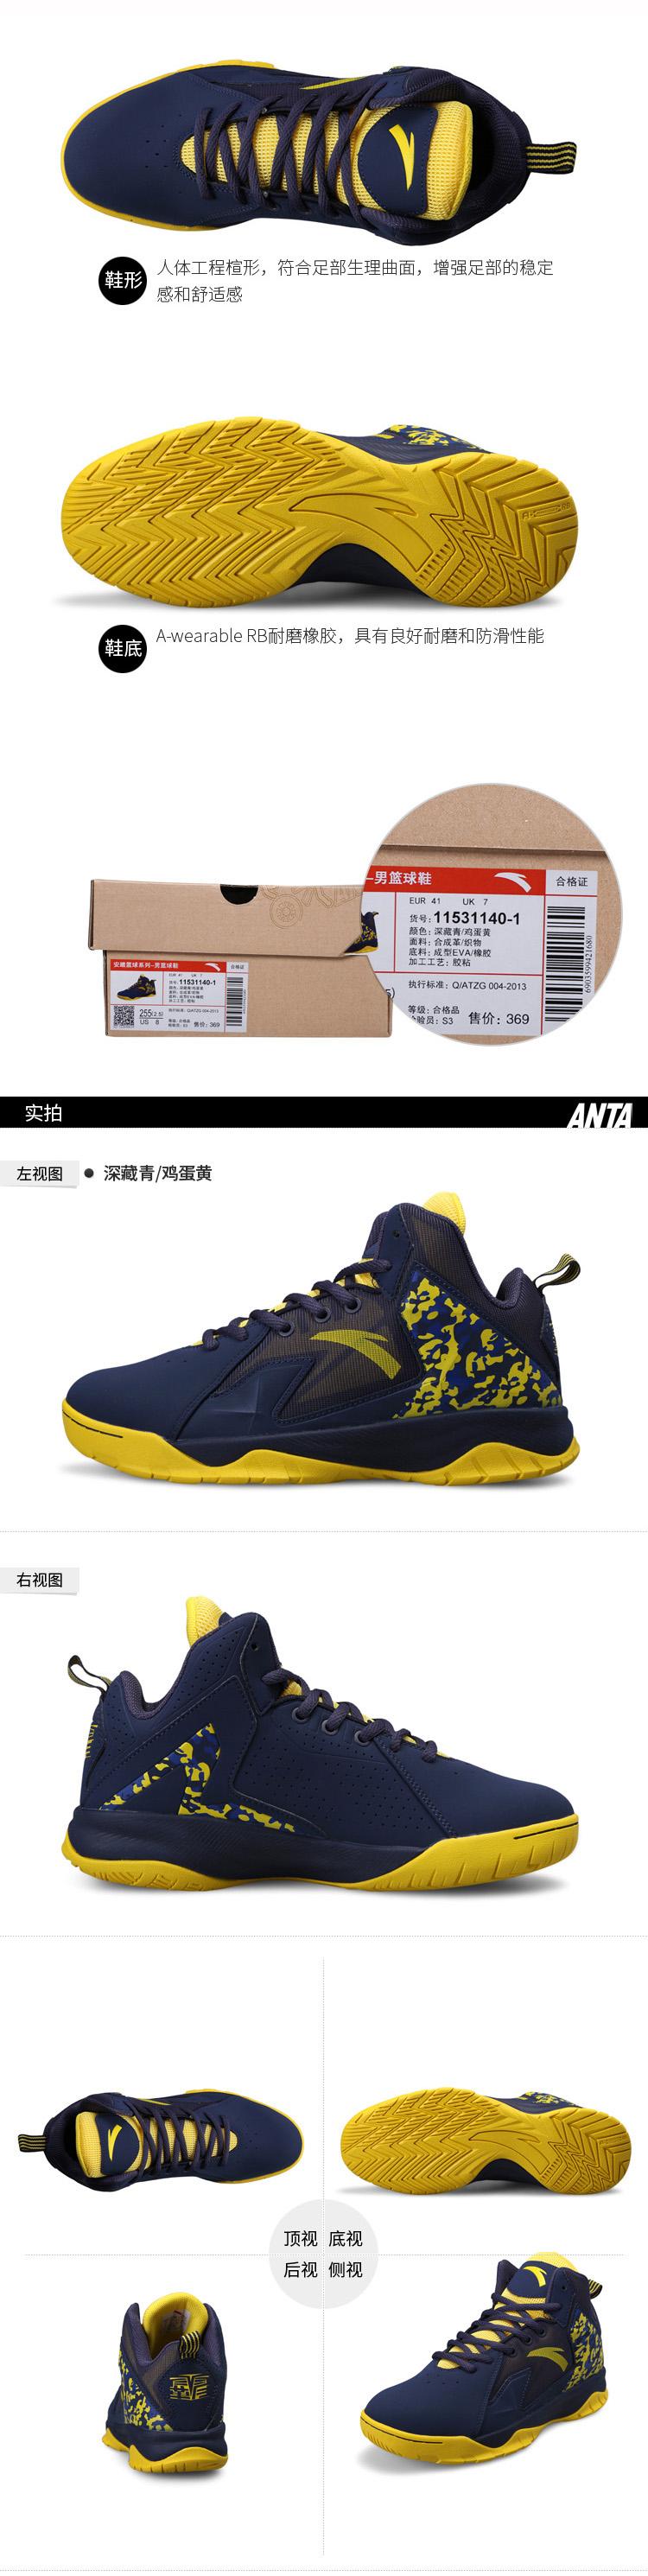 Anta NBA 2016 Summer Professional Basketball Shoes -  Navy Blue/Yellow